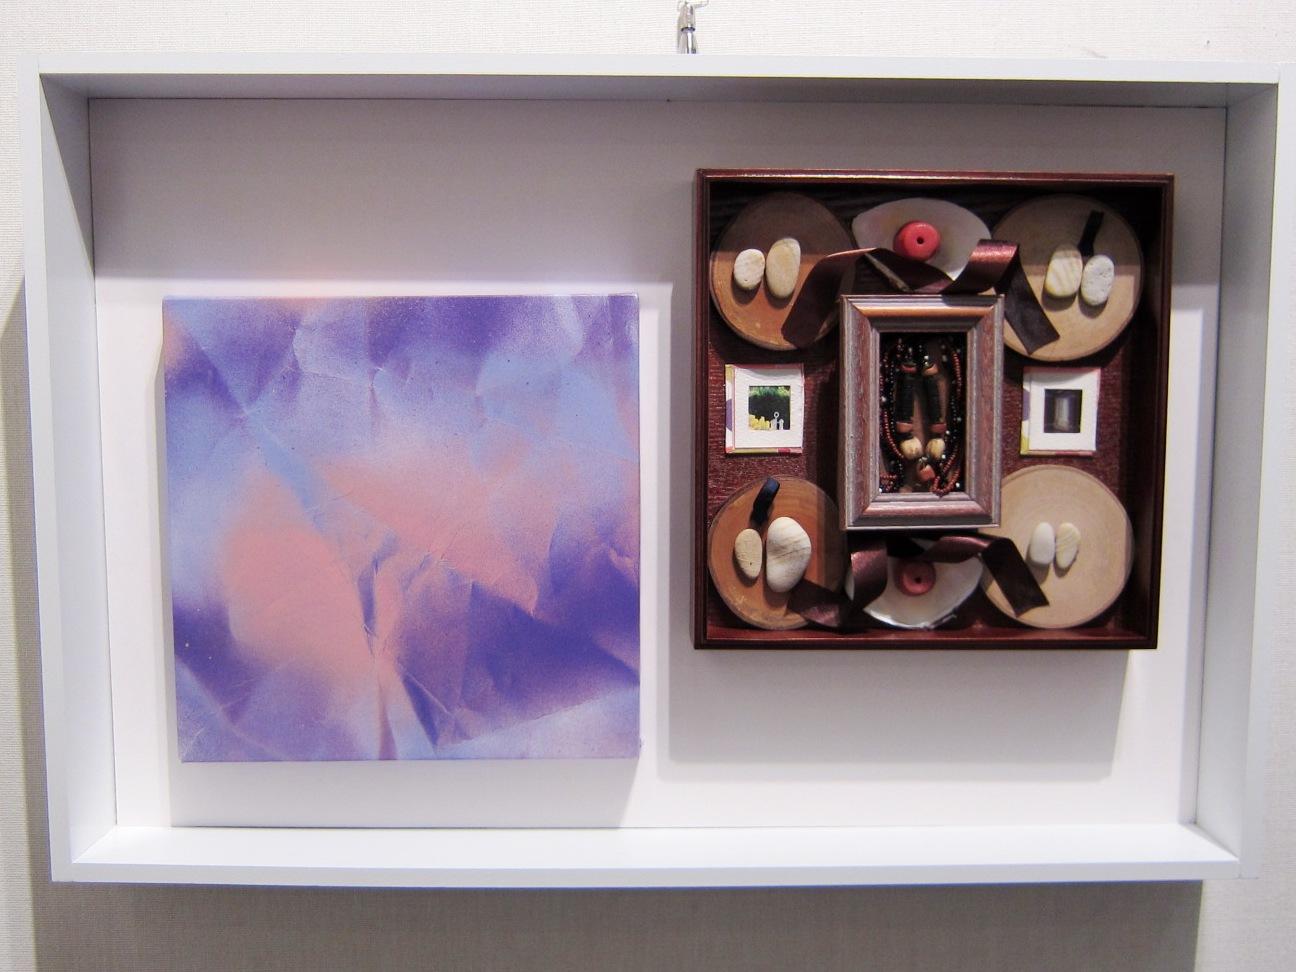 2156)「日本美術家連盟北海道地区 アーティストによる拡げる表現展」スカイ. 終了8月13日(火)~8月18日(日)_f0126829_12202913.jpg